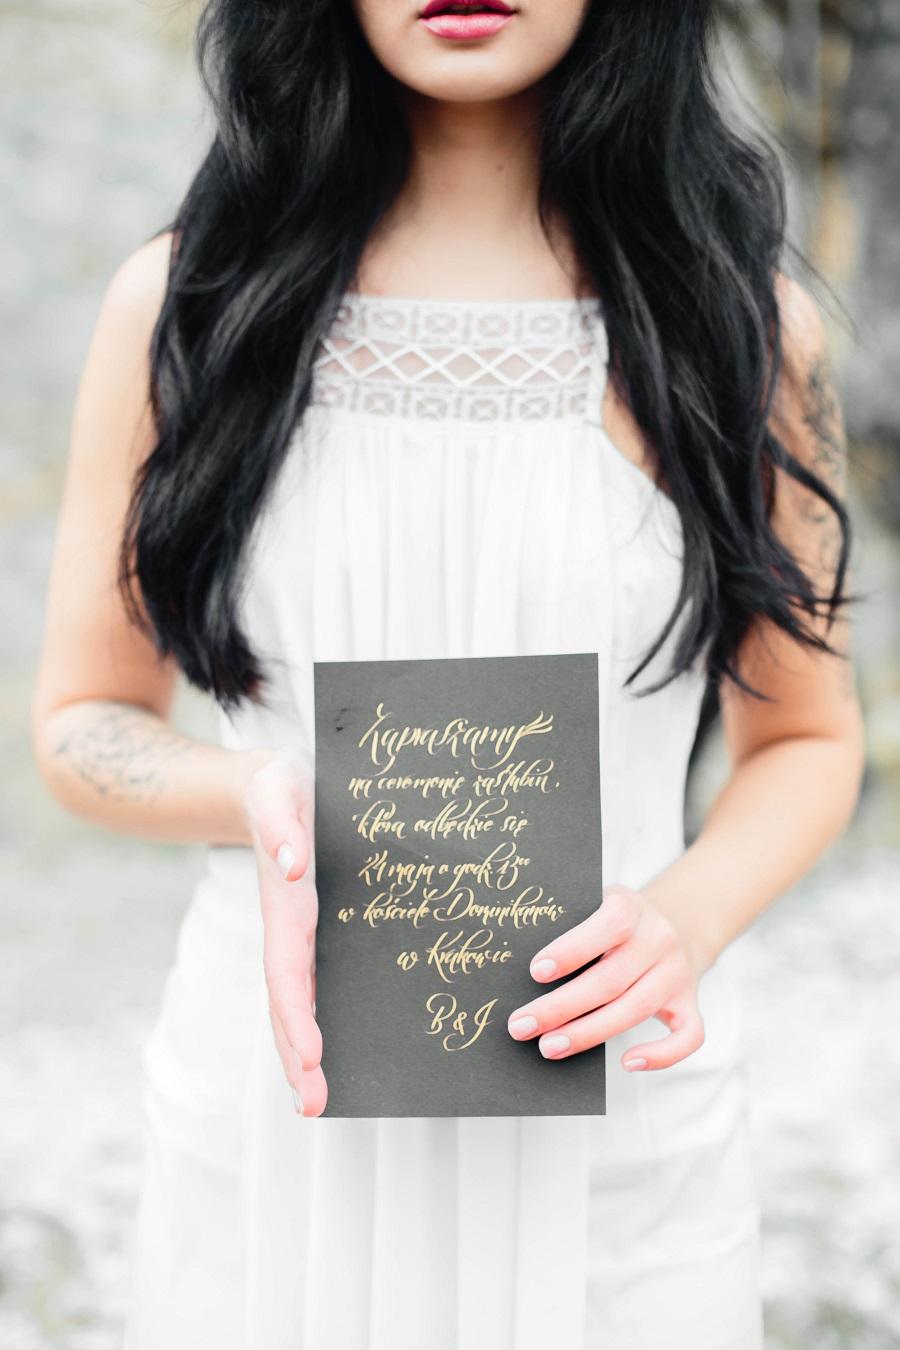 Vibrant Spring Brights & Black Moody Hues Bridal Editorial - BridalPulse